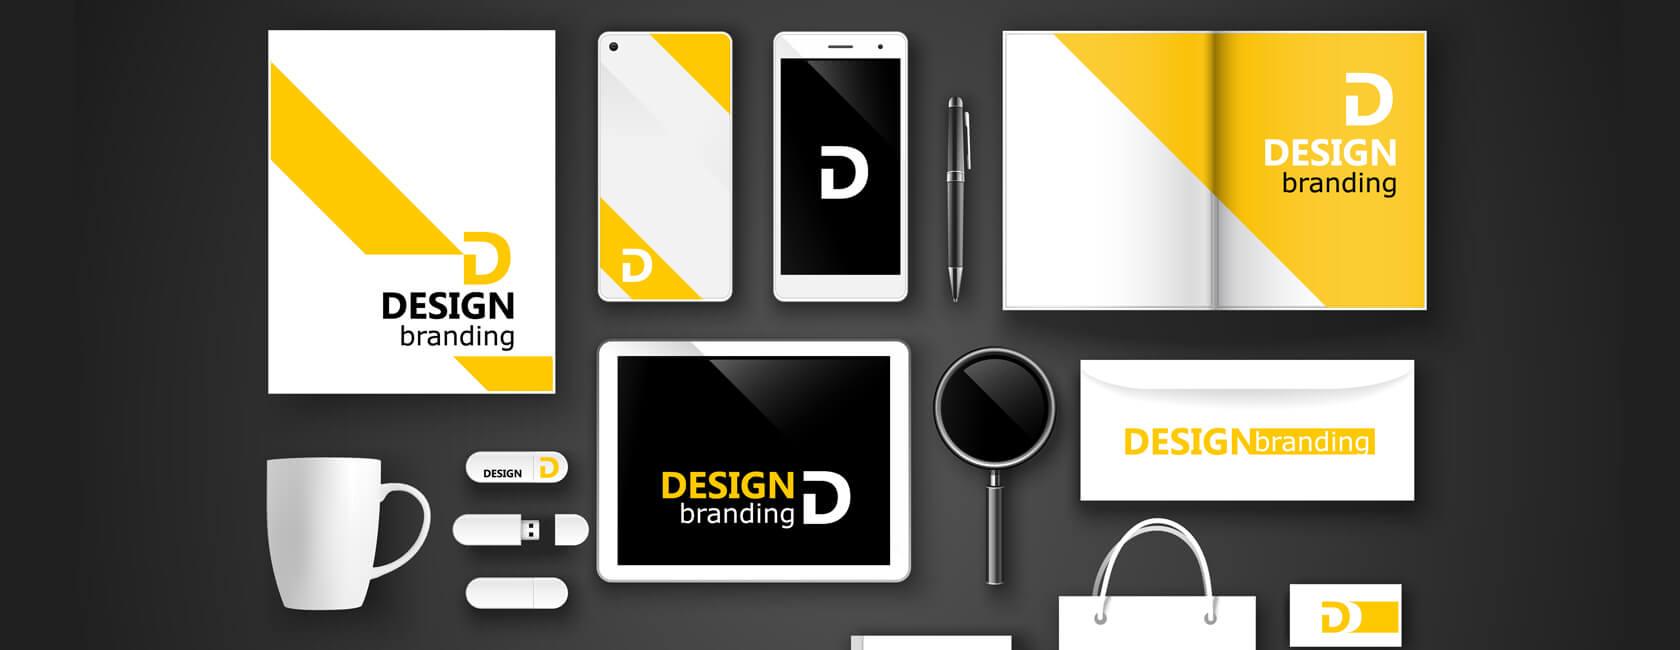 PROJEKTOWANIE GRAFICZNE   |   GRAPHIC DESIGN